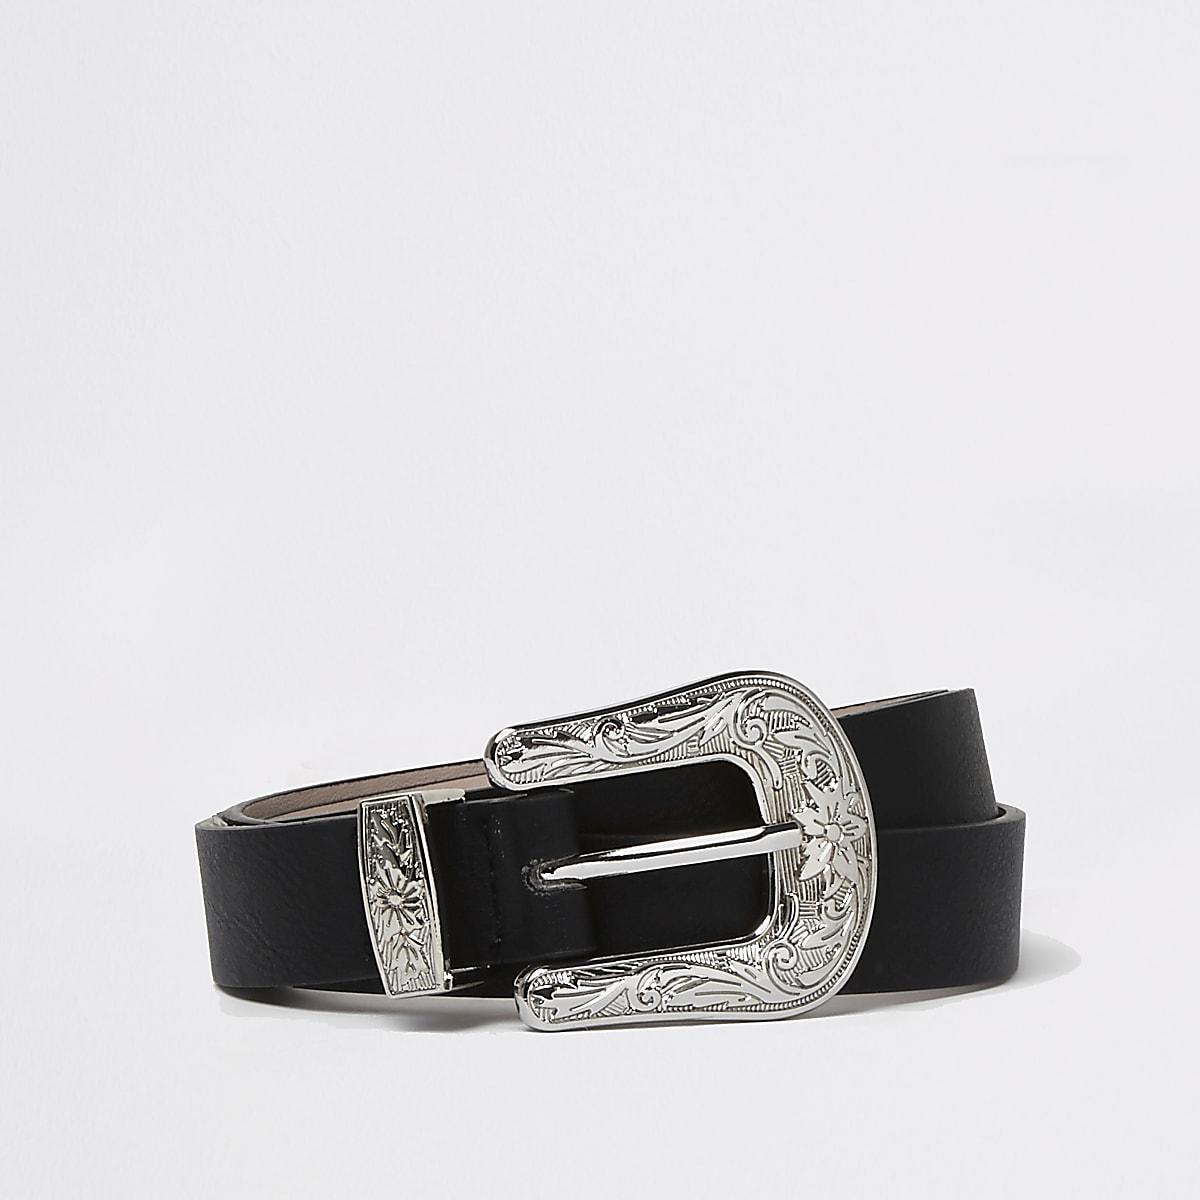 f76fa167b Black silver buckle western belt - Belts - Accessories - women